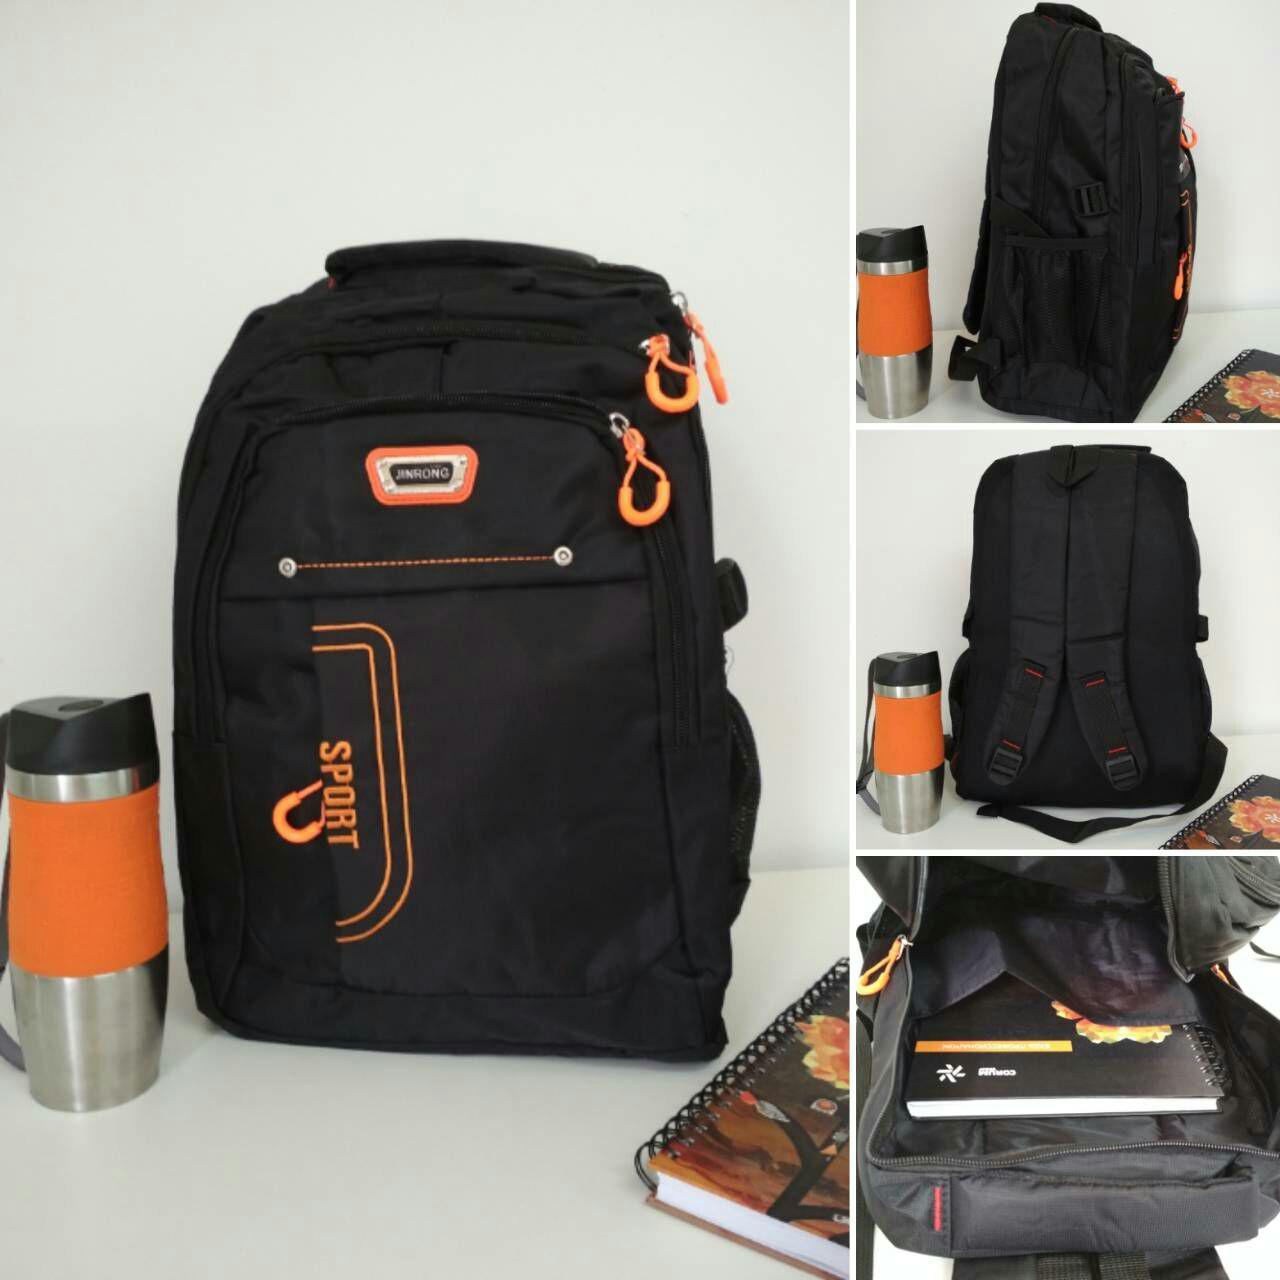 152effa48a02 Повседневный школьный черный рюкзак для мальчика 40*30*20 см - Styleopt.com